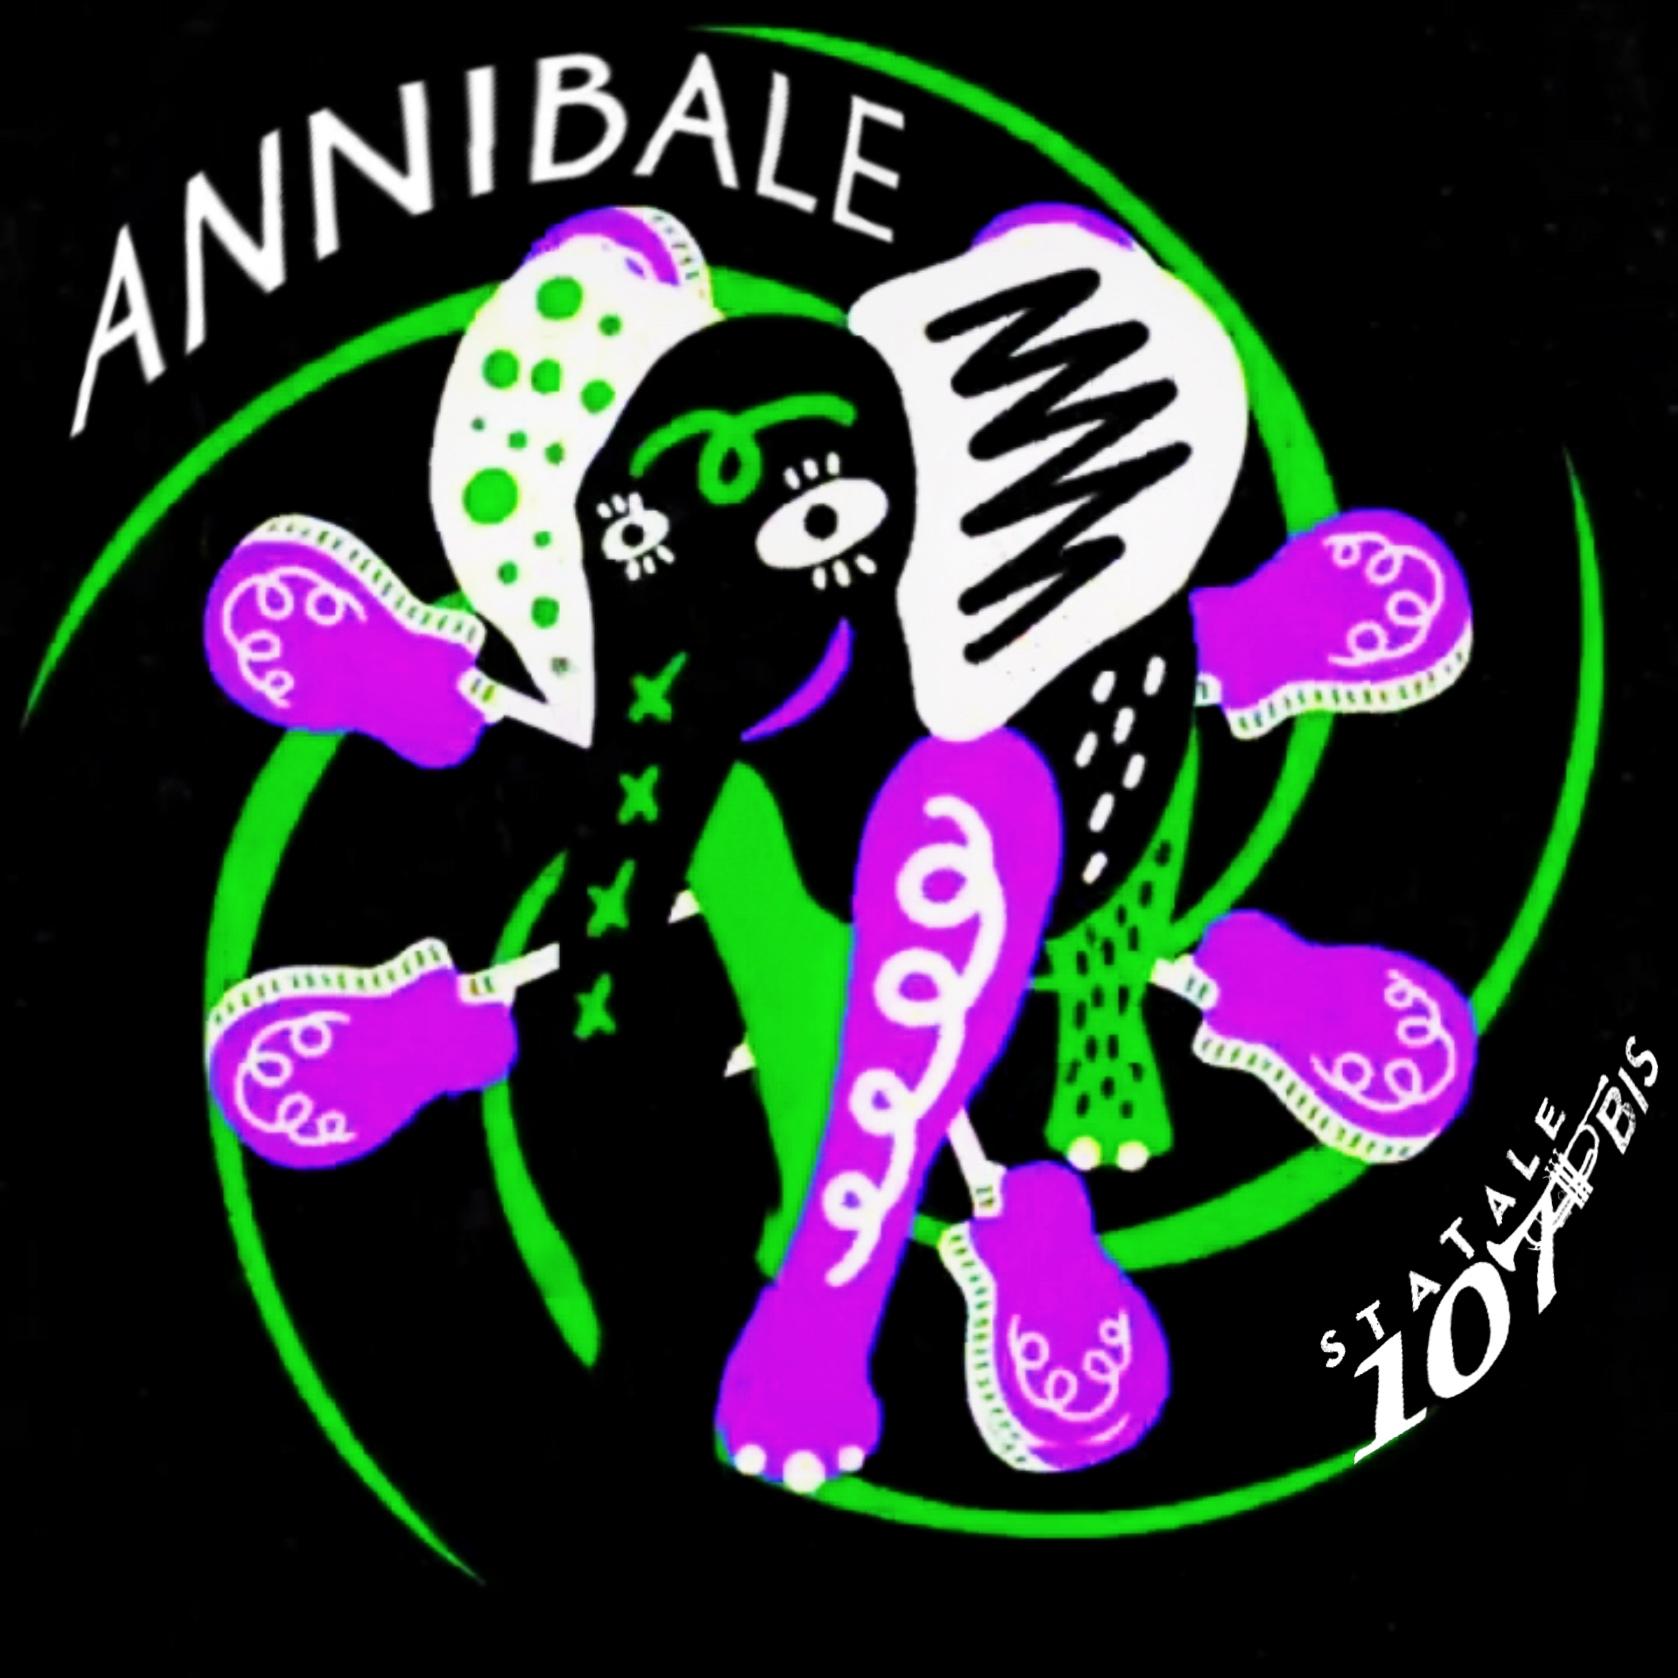 Annibale: Il nuovo singolo degli Statale 107 bis